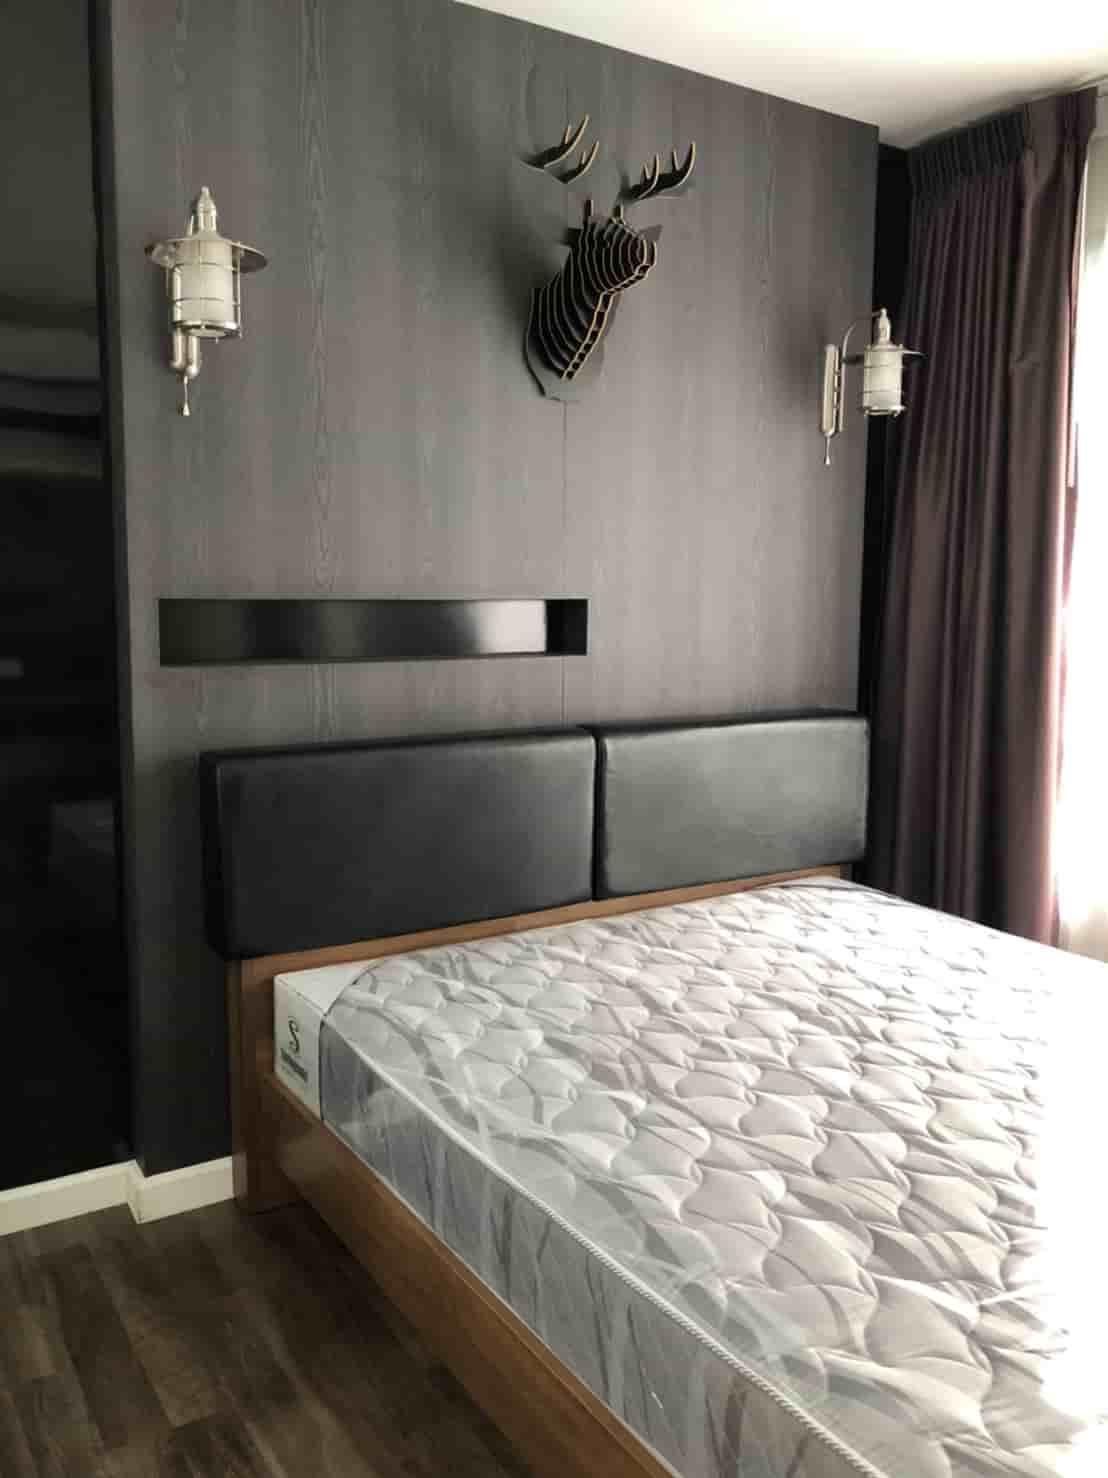 ภาพให้เช้า Dcondo Campus Resort ใกล้ MRT จรัญ 13 และ BTSบางหว้า ถนนราชพฤกษ์ บางแวก ภาษีเจริญ กรุงเทพฯ